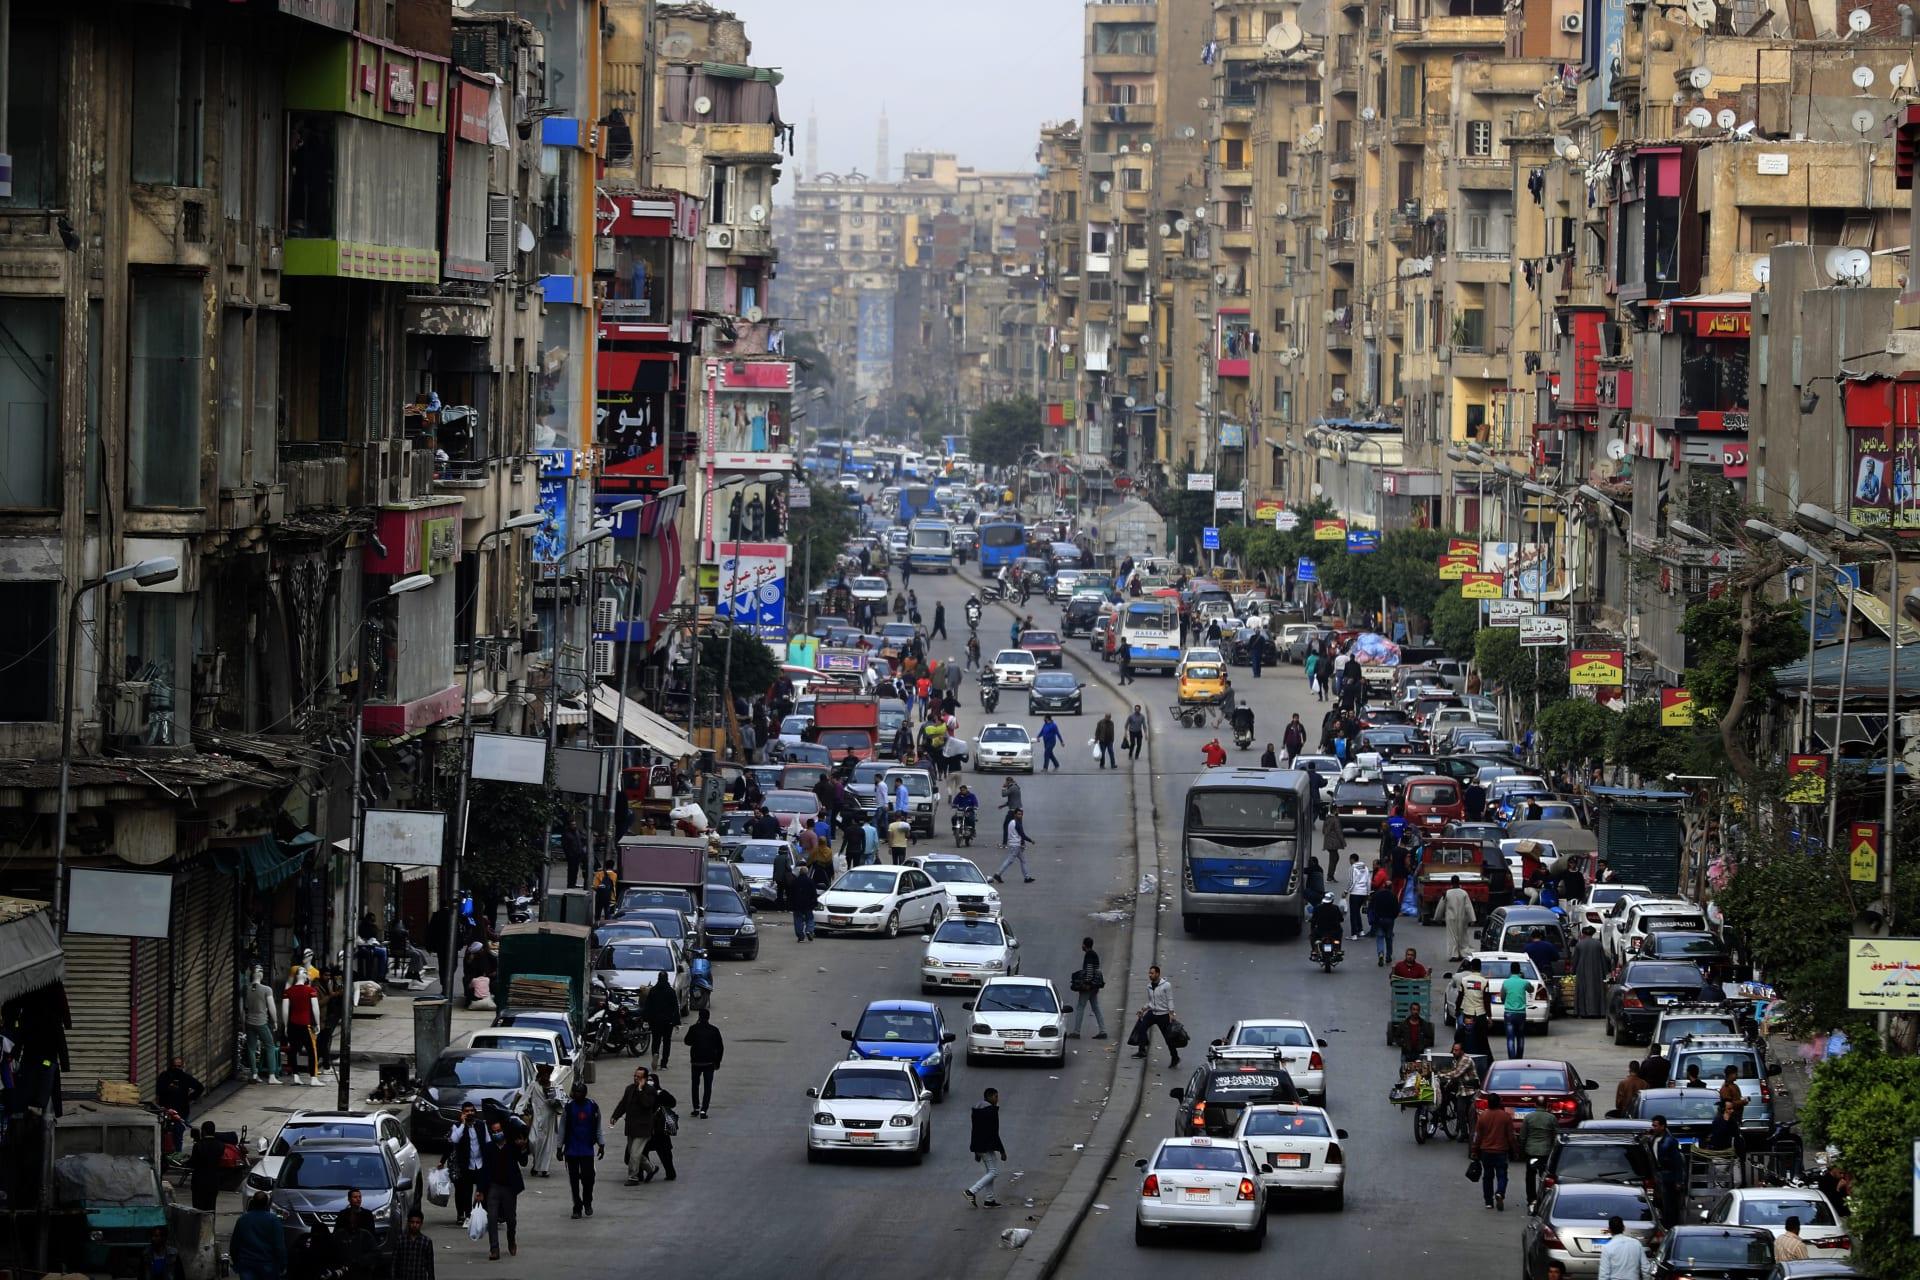 مارة وسيارات في شارع قصر العيني وسط العاصمة المصرية - 25 مارس 2020